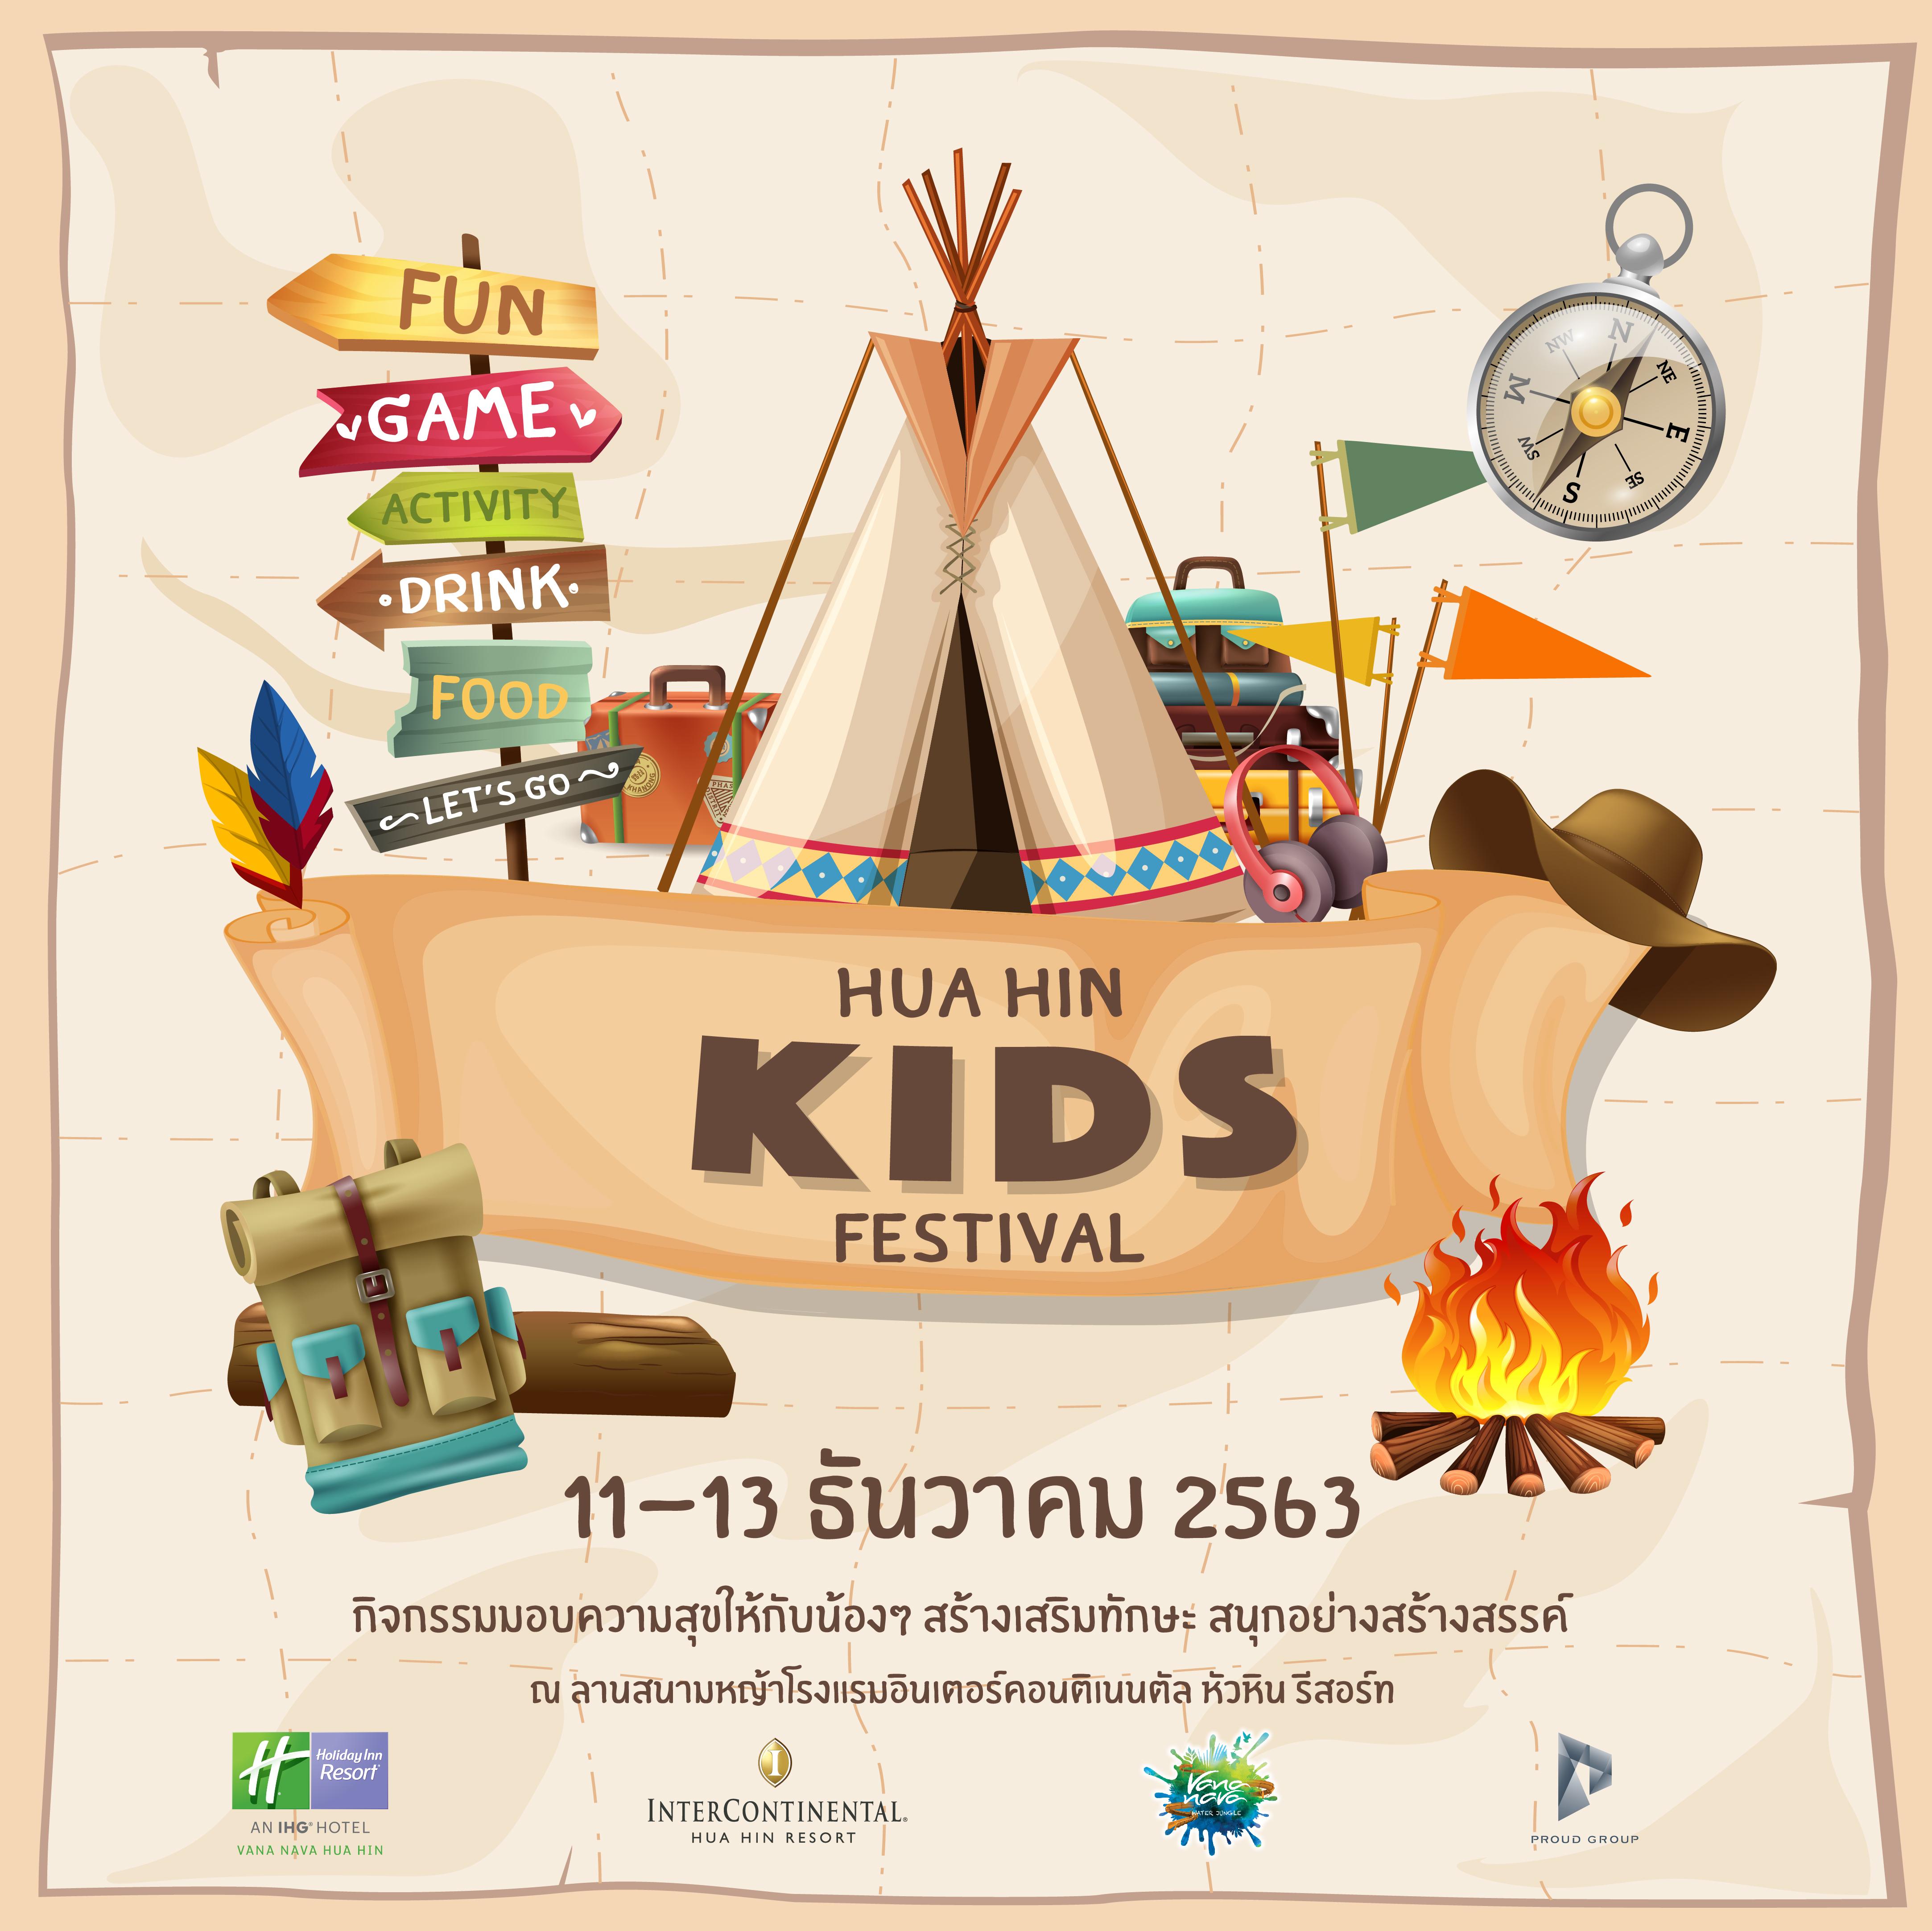 มหกรรมความสนุกเสริมการเรียนรู้และประสบการณ์ : Hua Hin Kids Festival